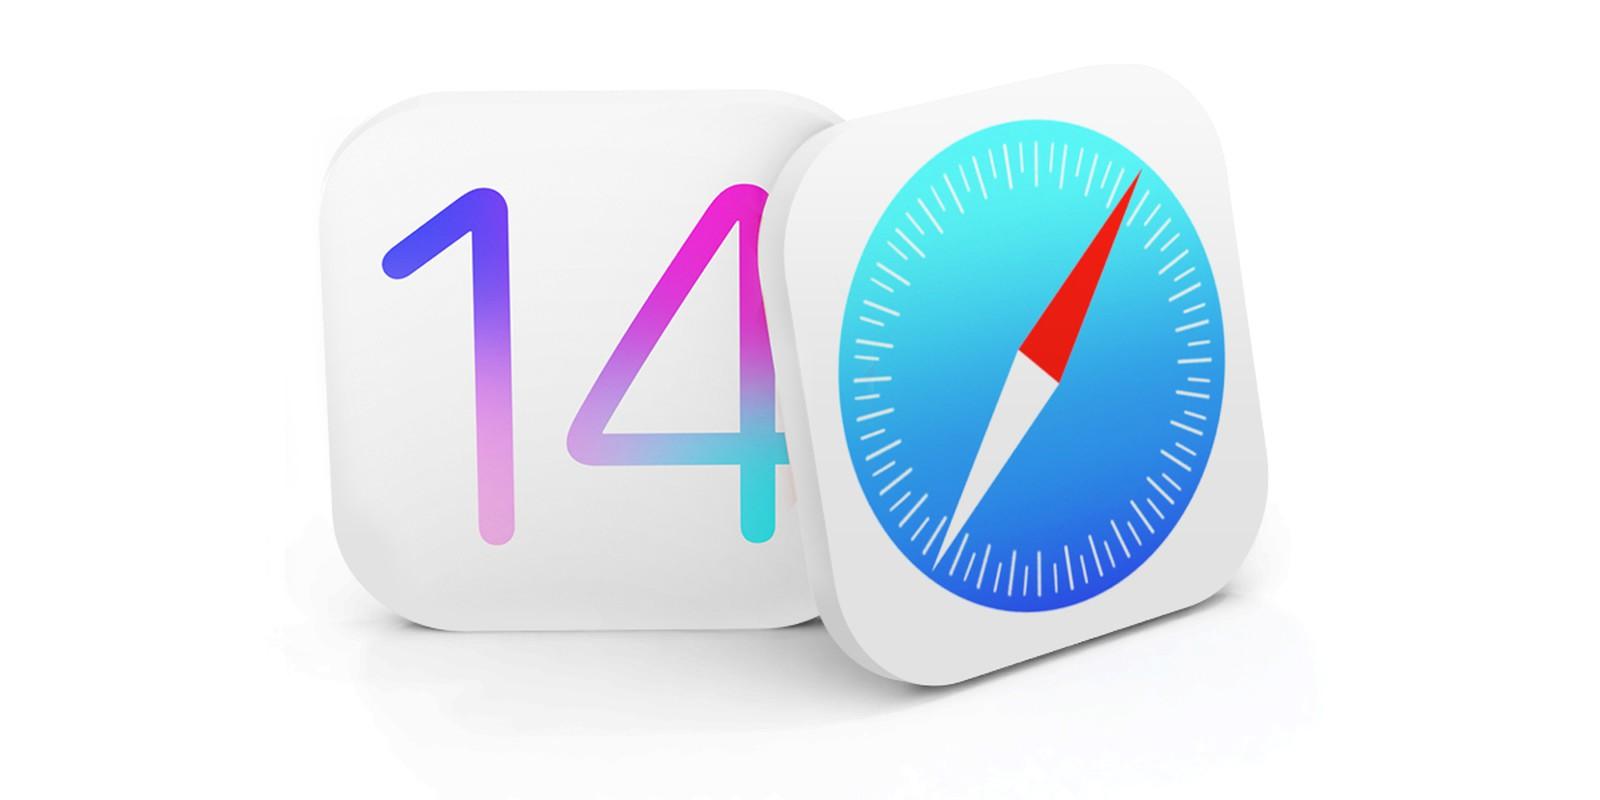 苹果 WWDC 2020 即将开幕,iOS 14/iPadOS 14 会带来哪些惊喜?